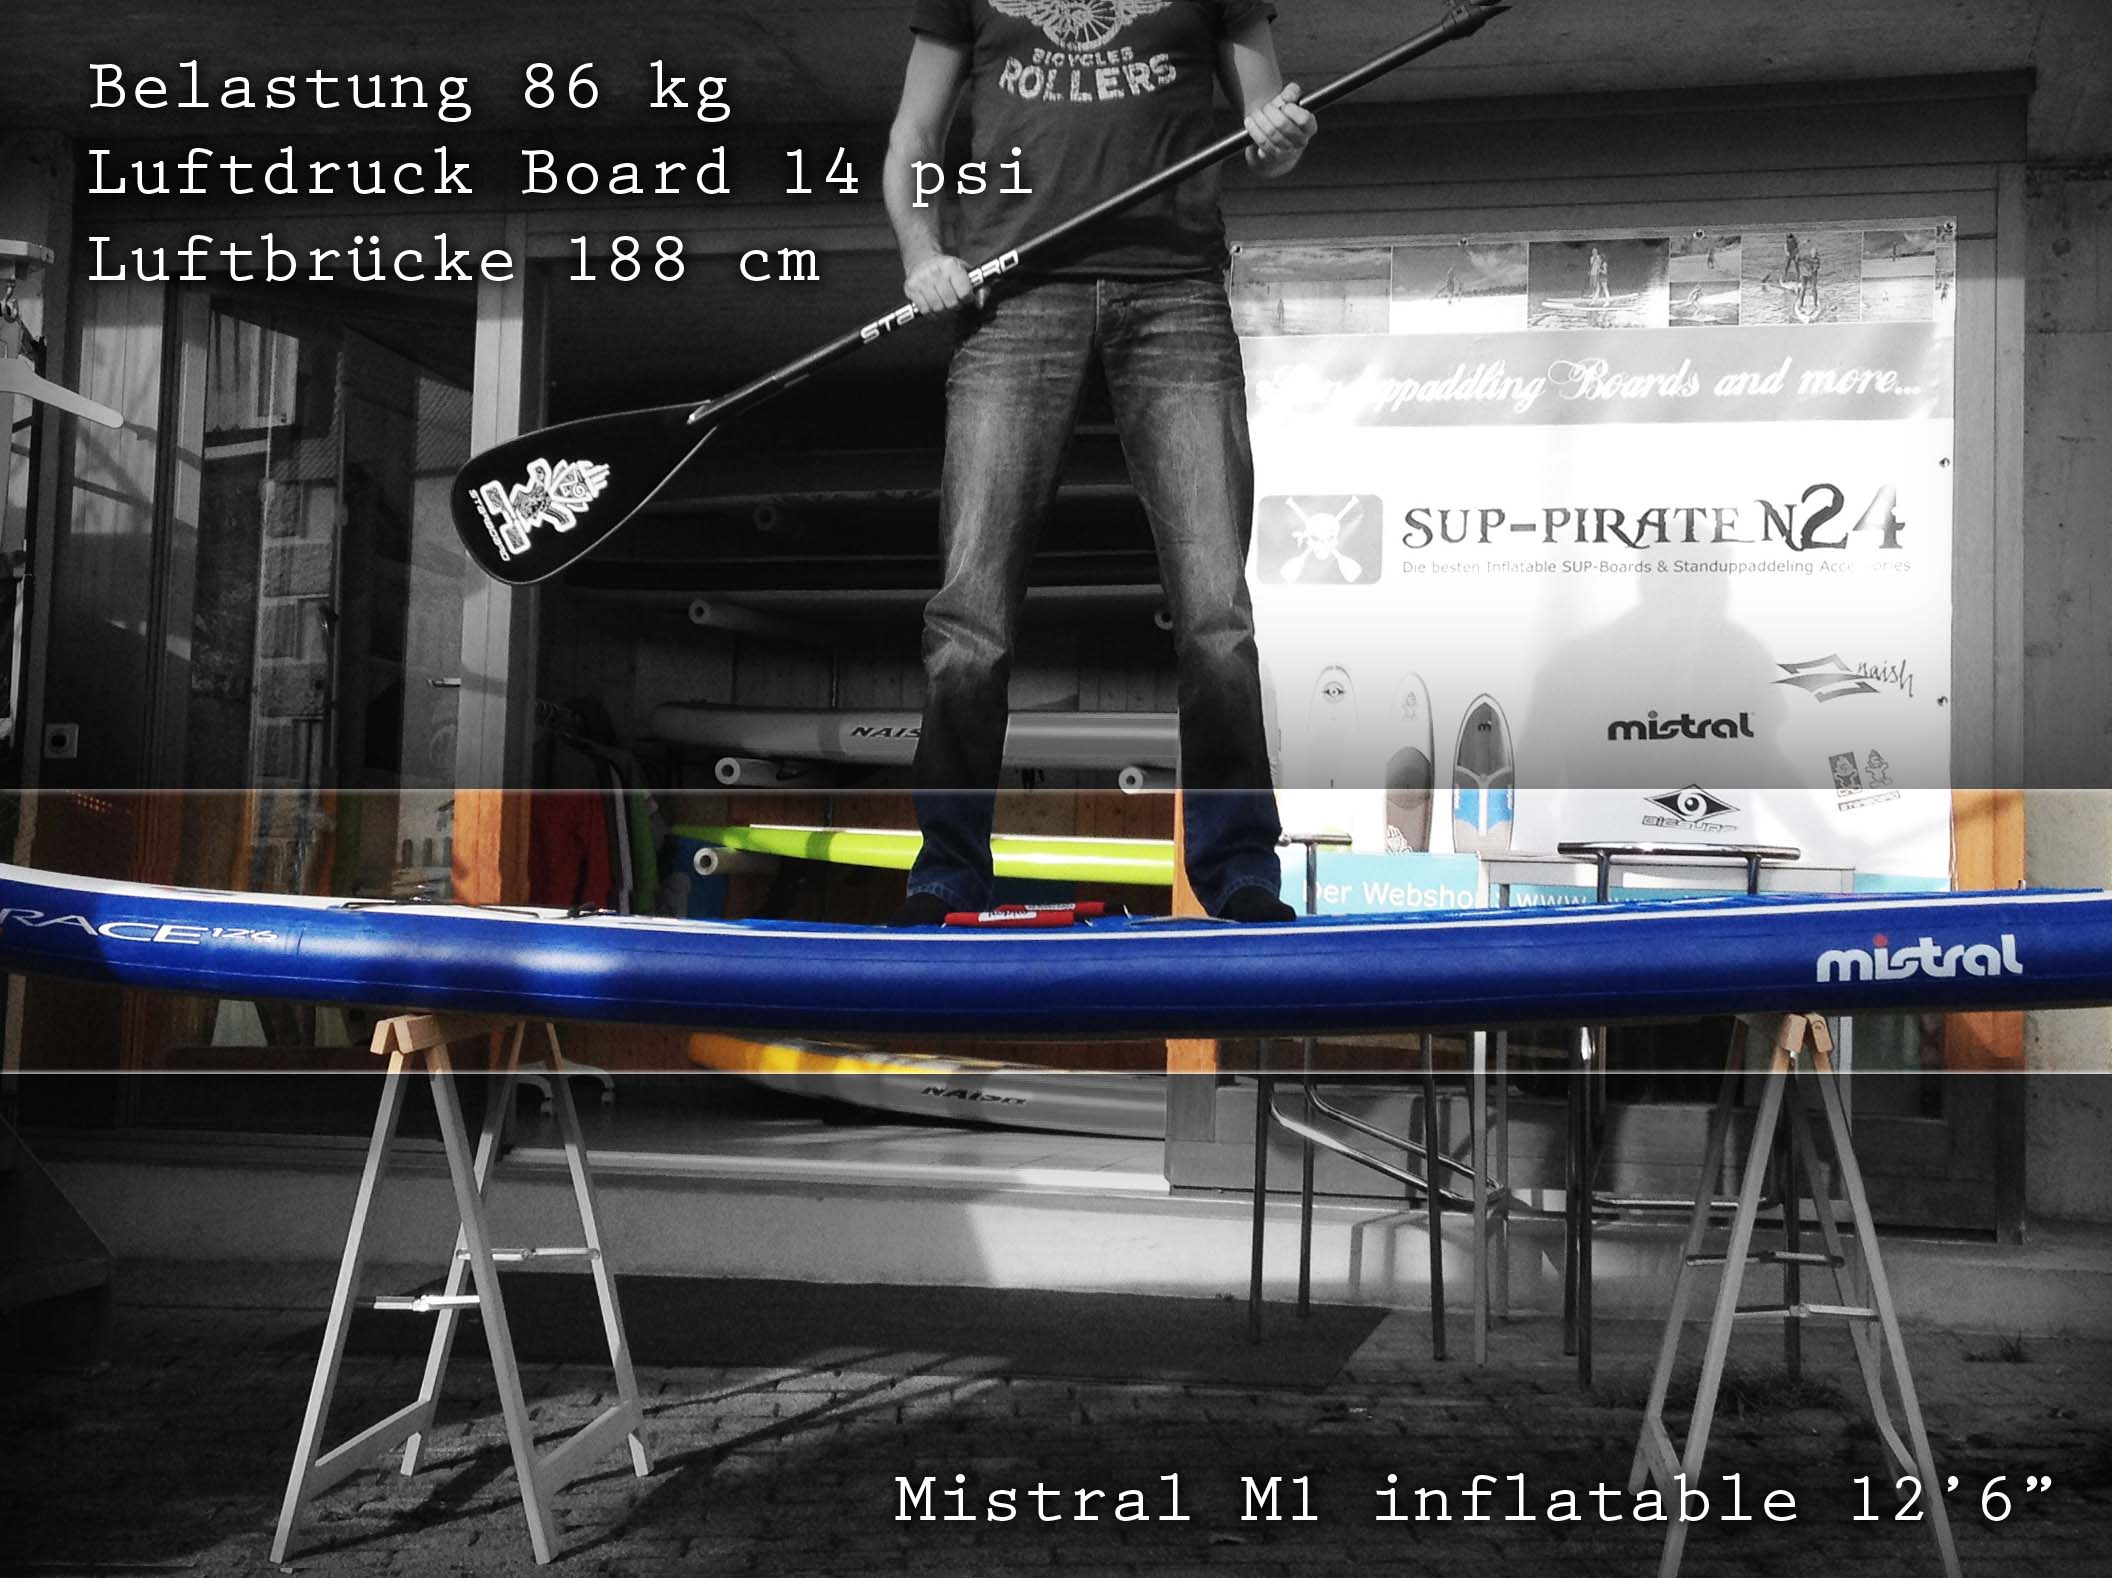 Mistral-Inflatable-M1_Steifigkeit_Tes-startseite